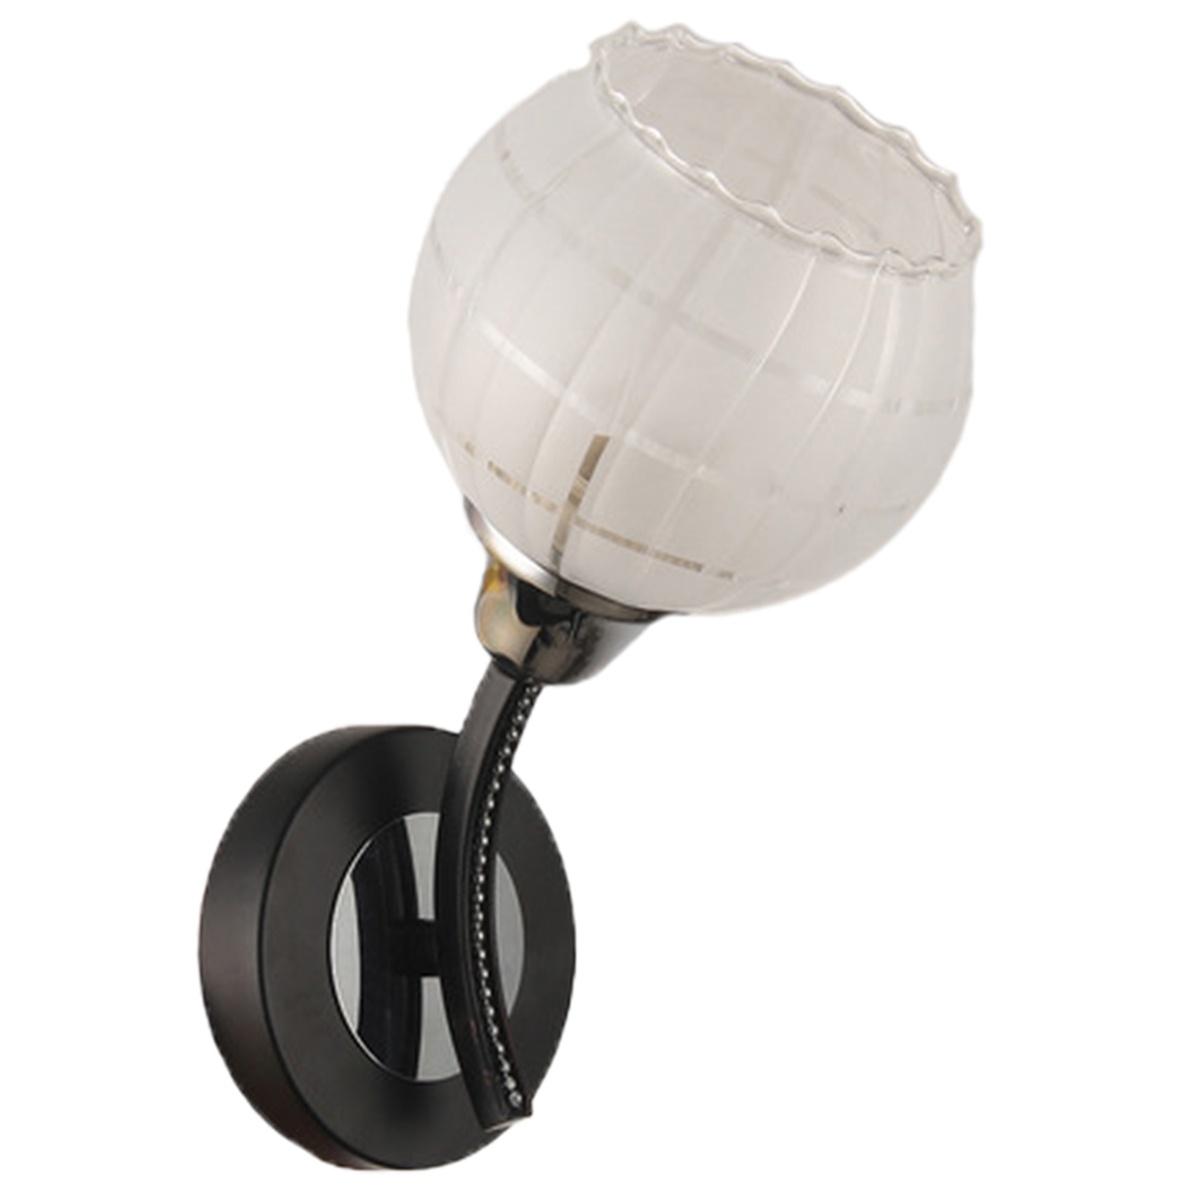 Настенный светильник Toscom Odri, TC-995-101 цены онлайн